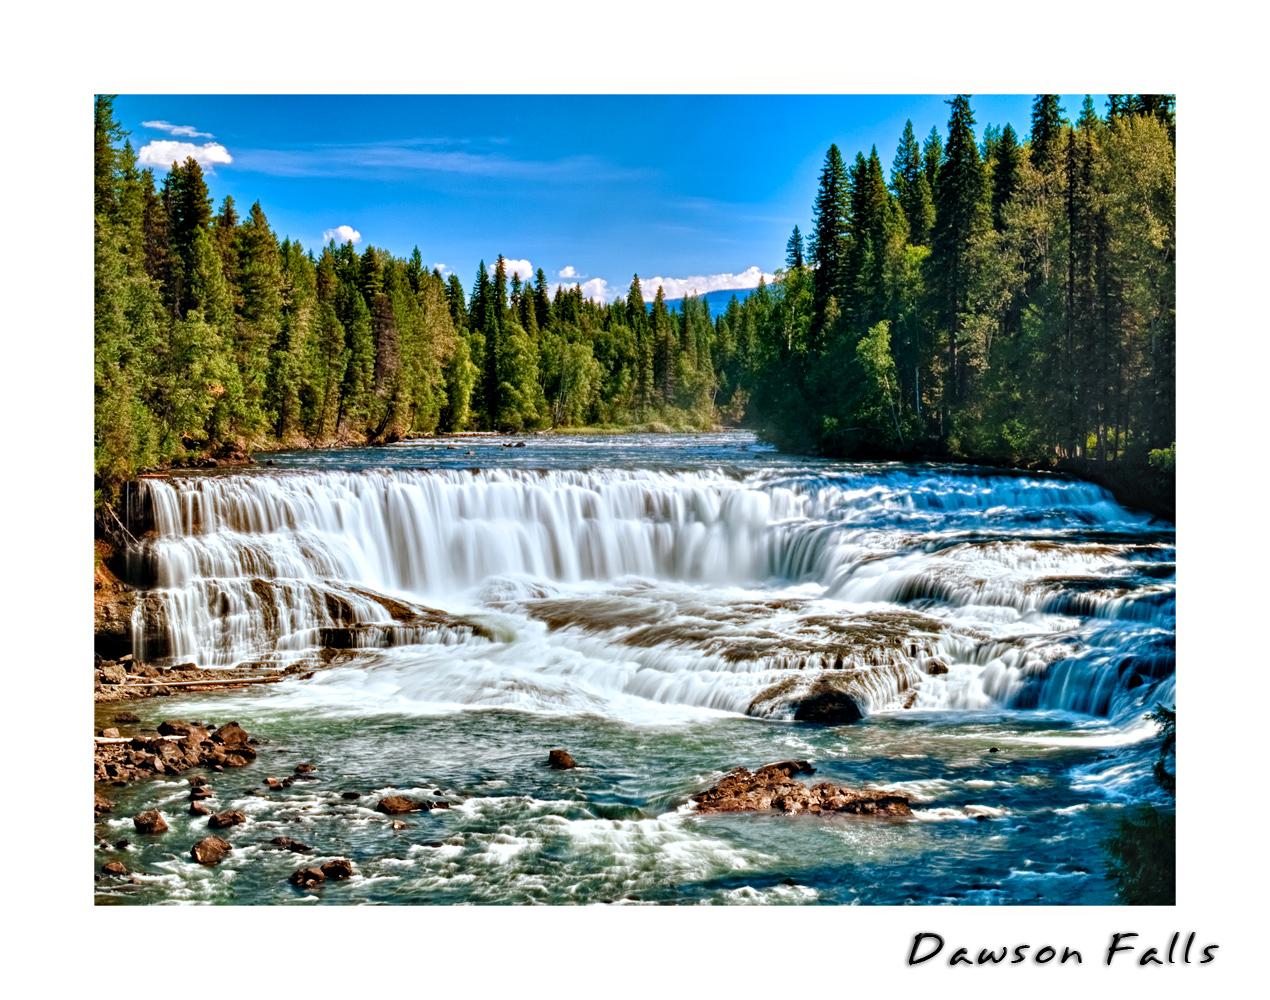 Dawson Falls 1